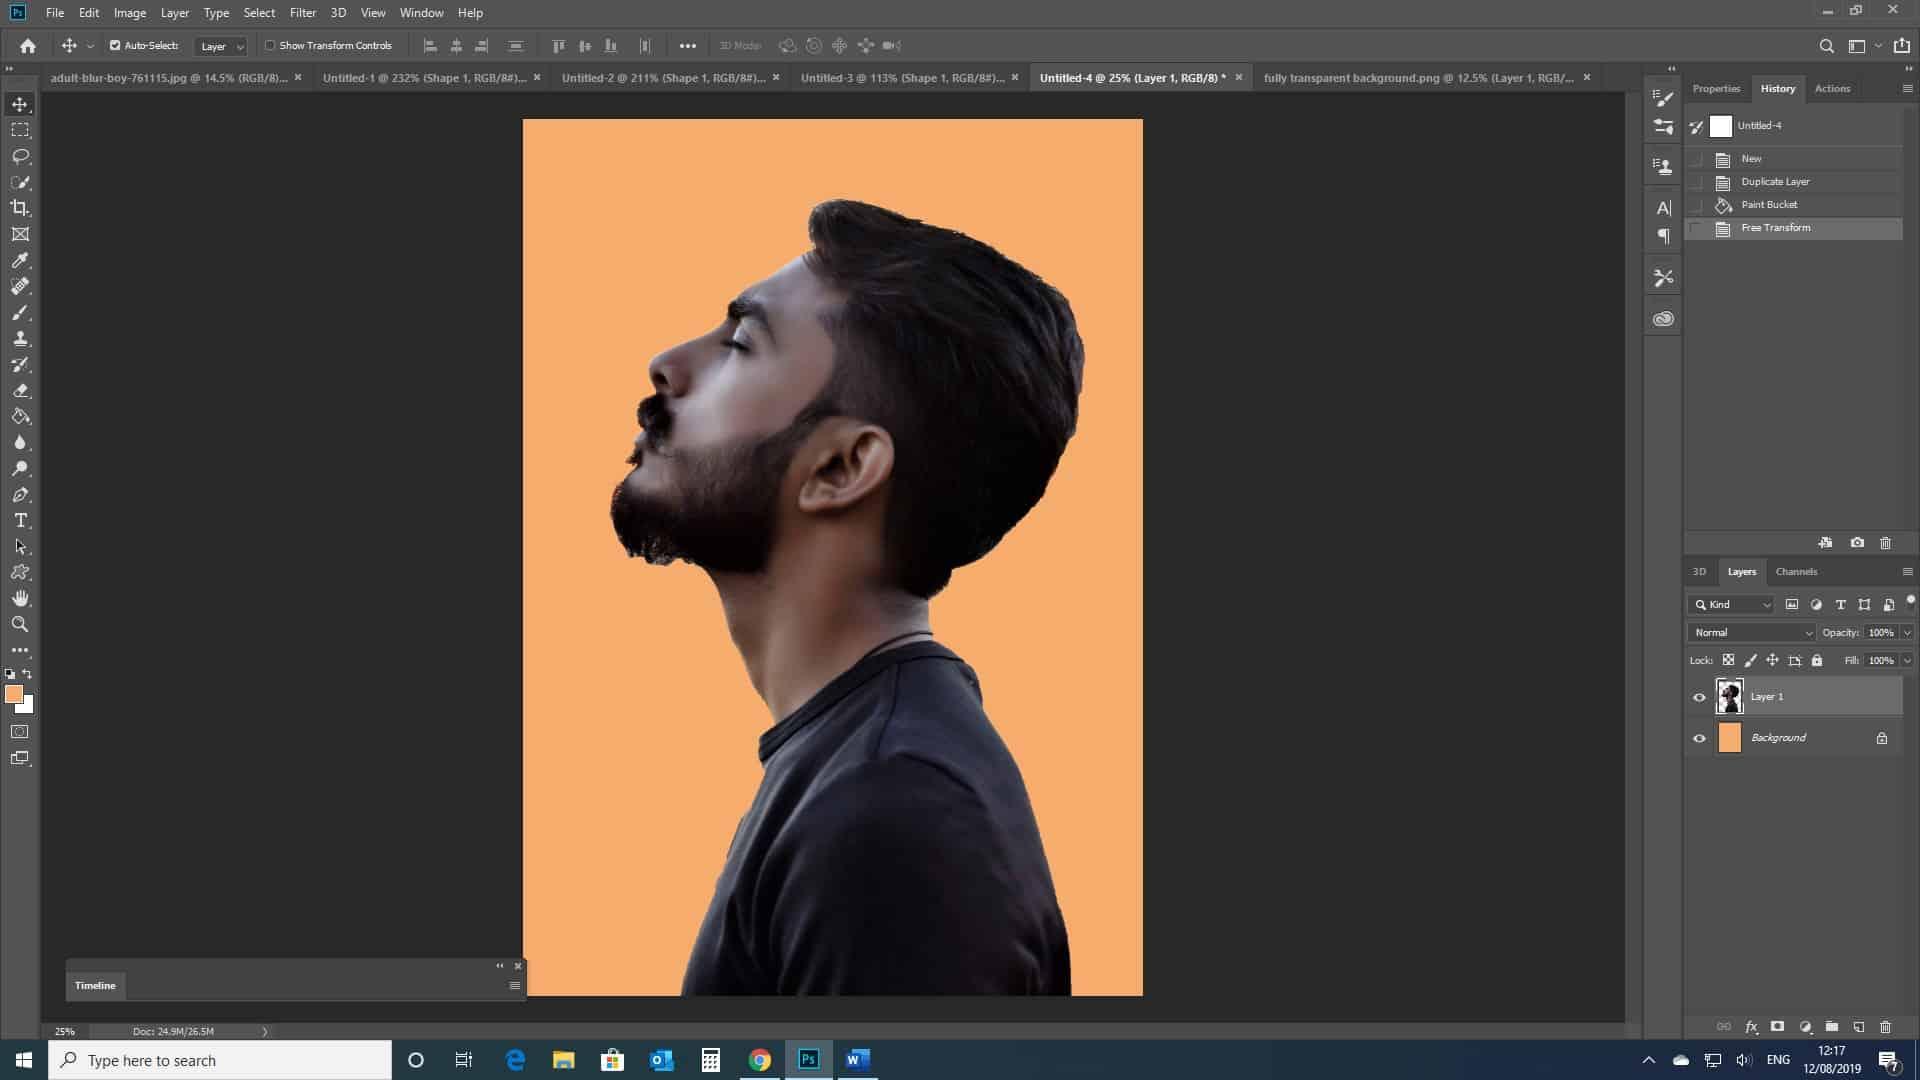 man portrait with orange background